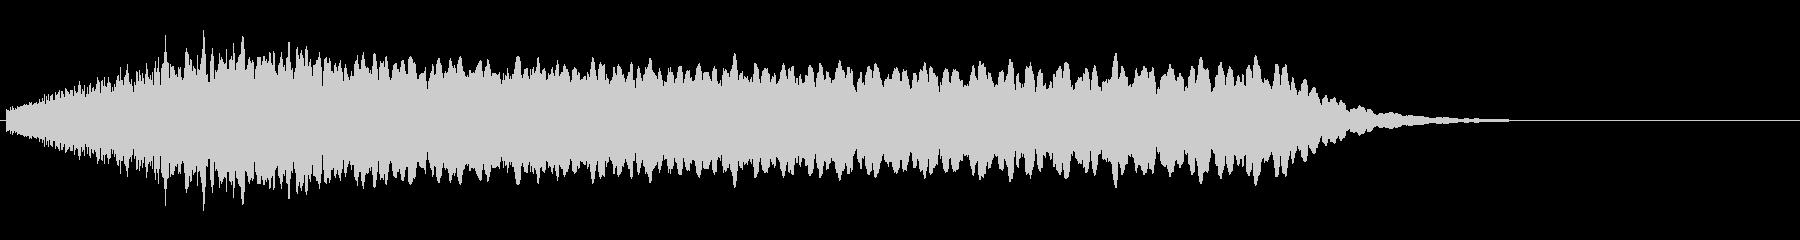 光が集まり波動となるような効果音01の未再生の波形